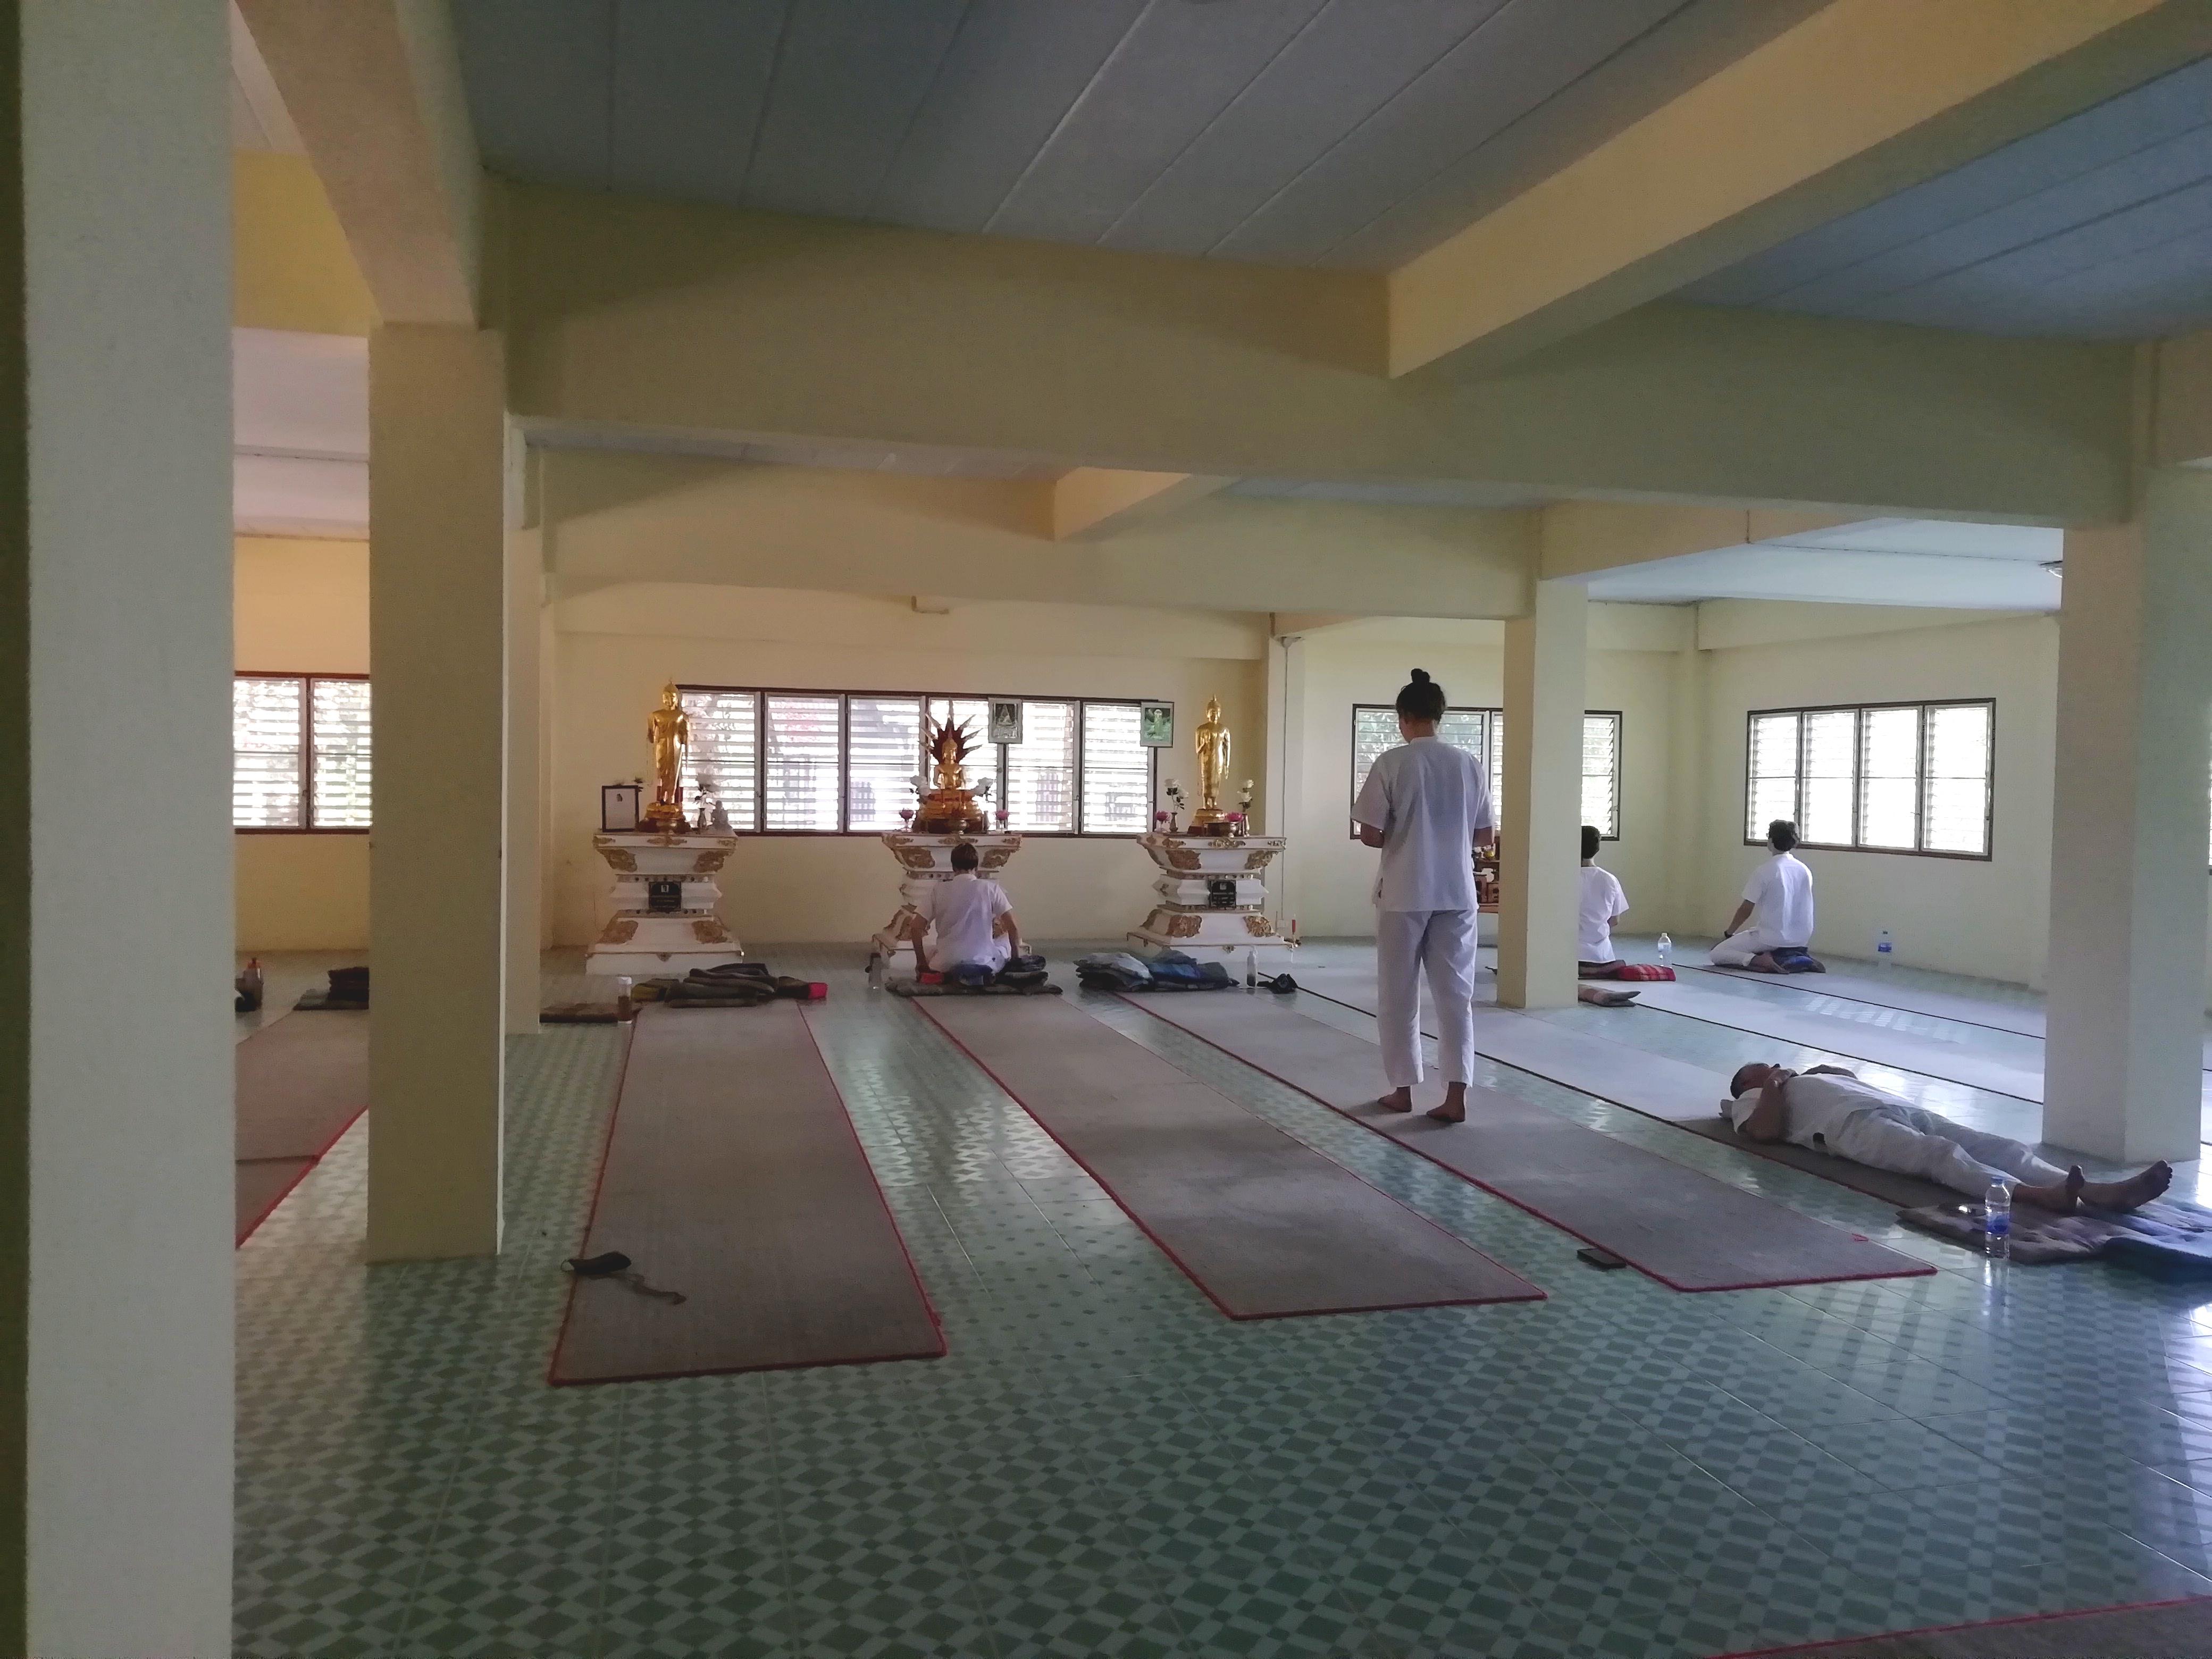 Come meditare: breve guida pratica alla meditazione